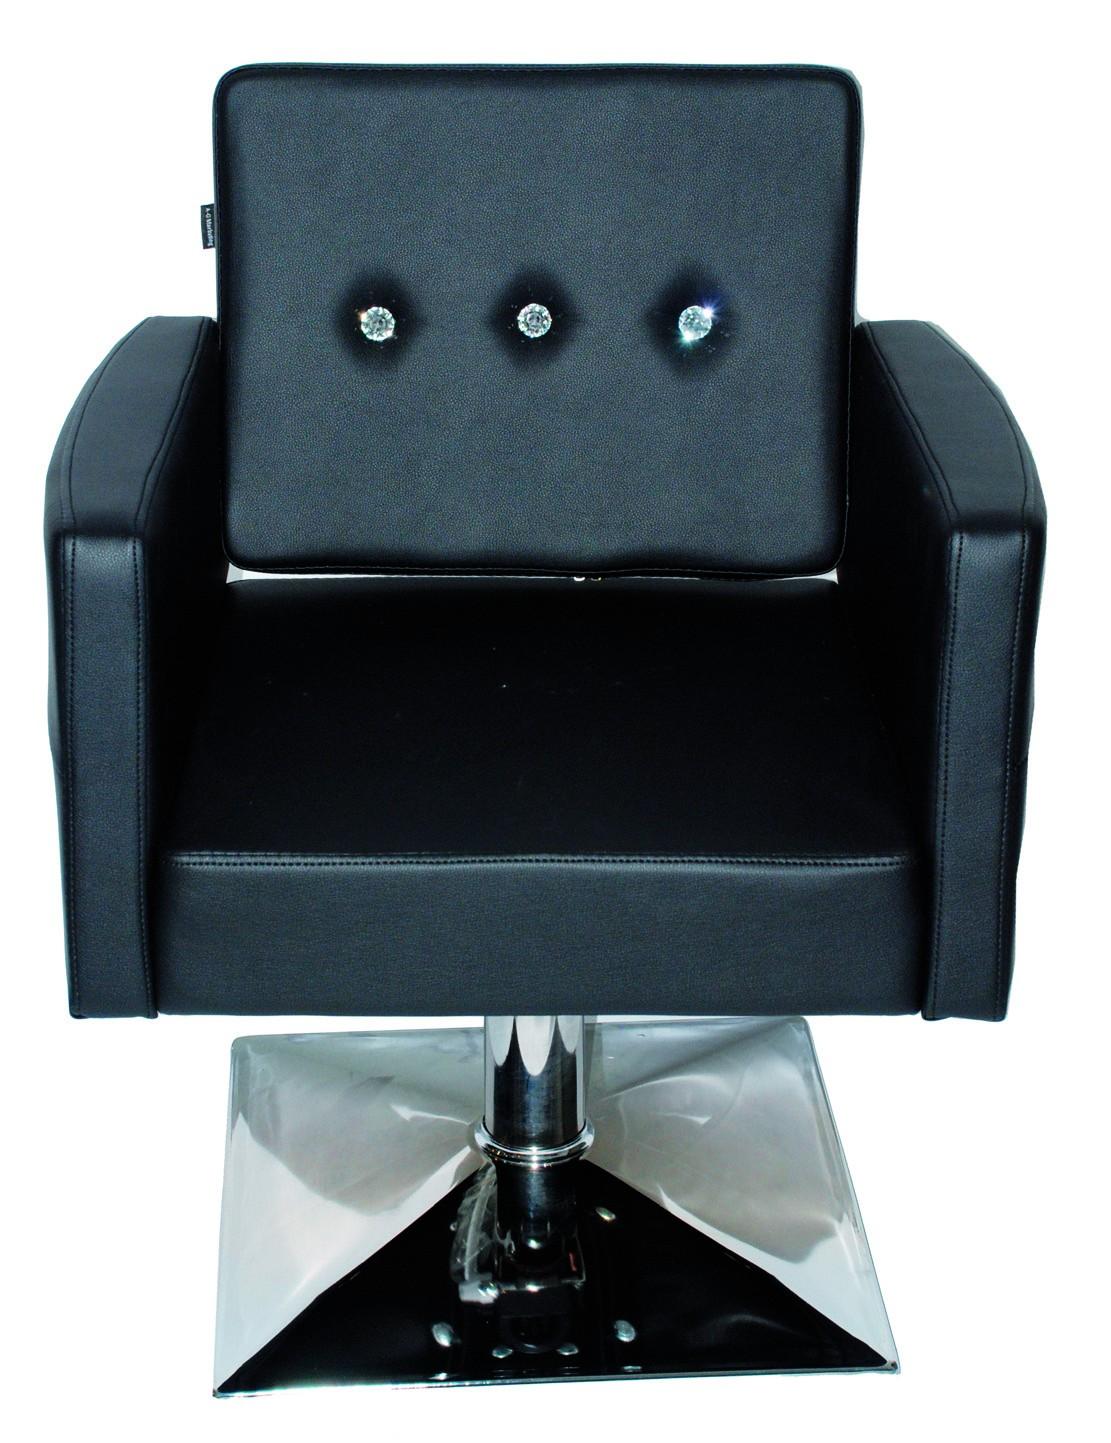 """כיסא לקוח הידראולי דגם 6398.  בוכנה גבוהה. אחריות שנתיים על הבוכנה. מחיר לא כולל מע""""מ ולא כולל הובלה."""